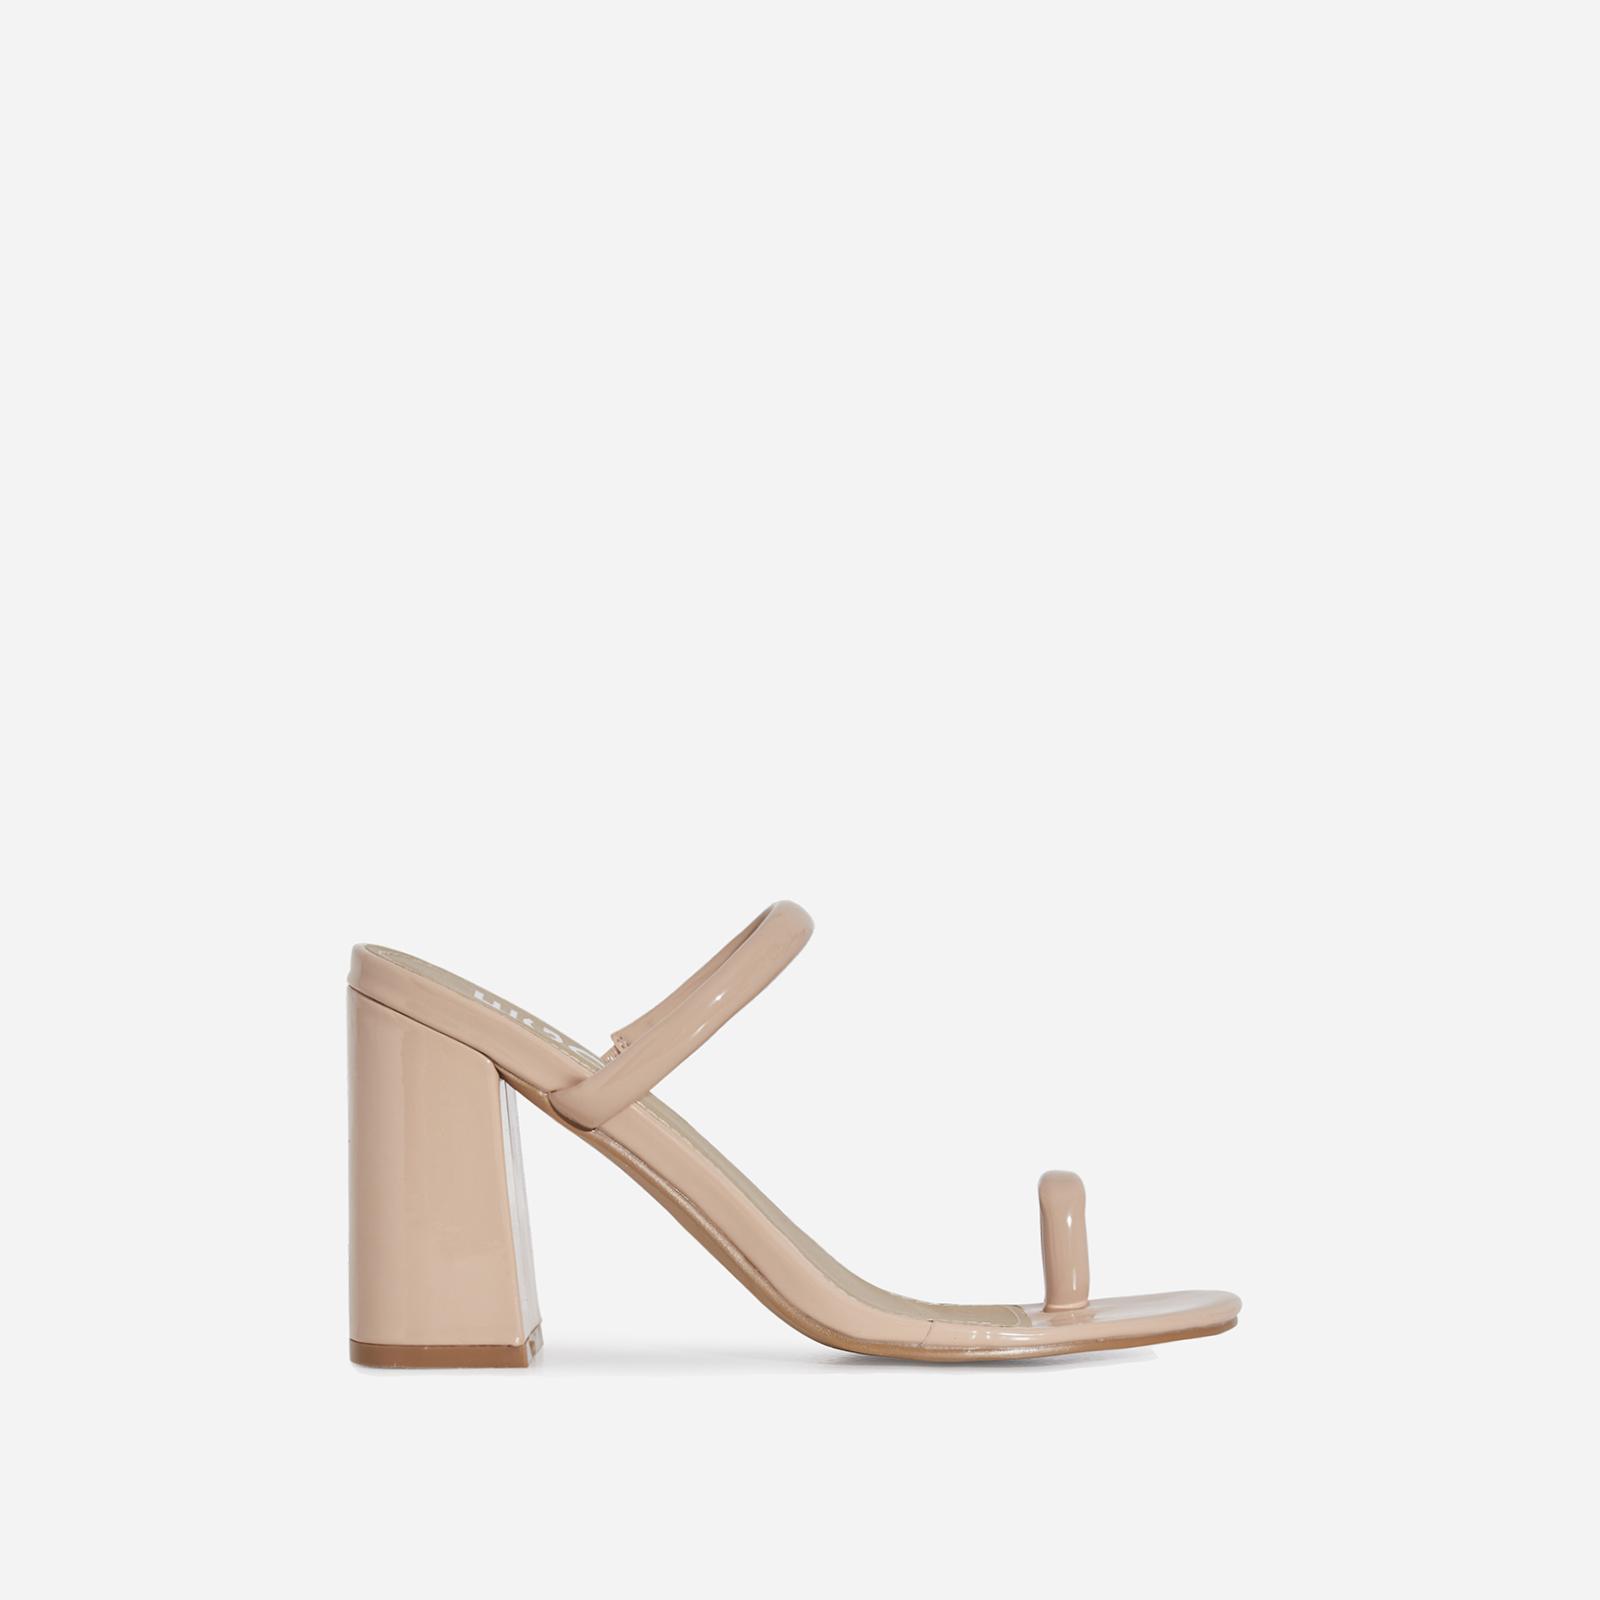 Kourt Toe Strap Black Heel Mule In Nude Patent